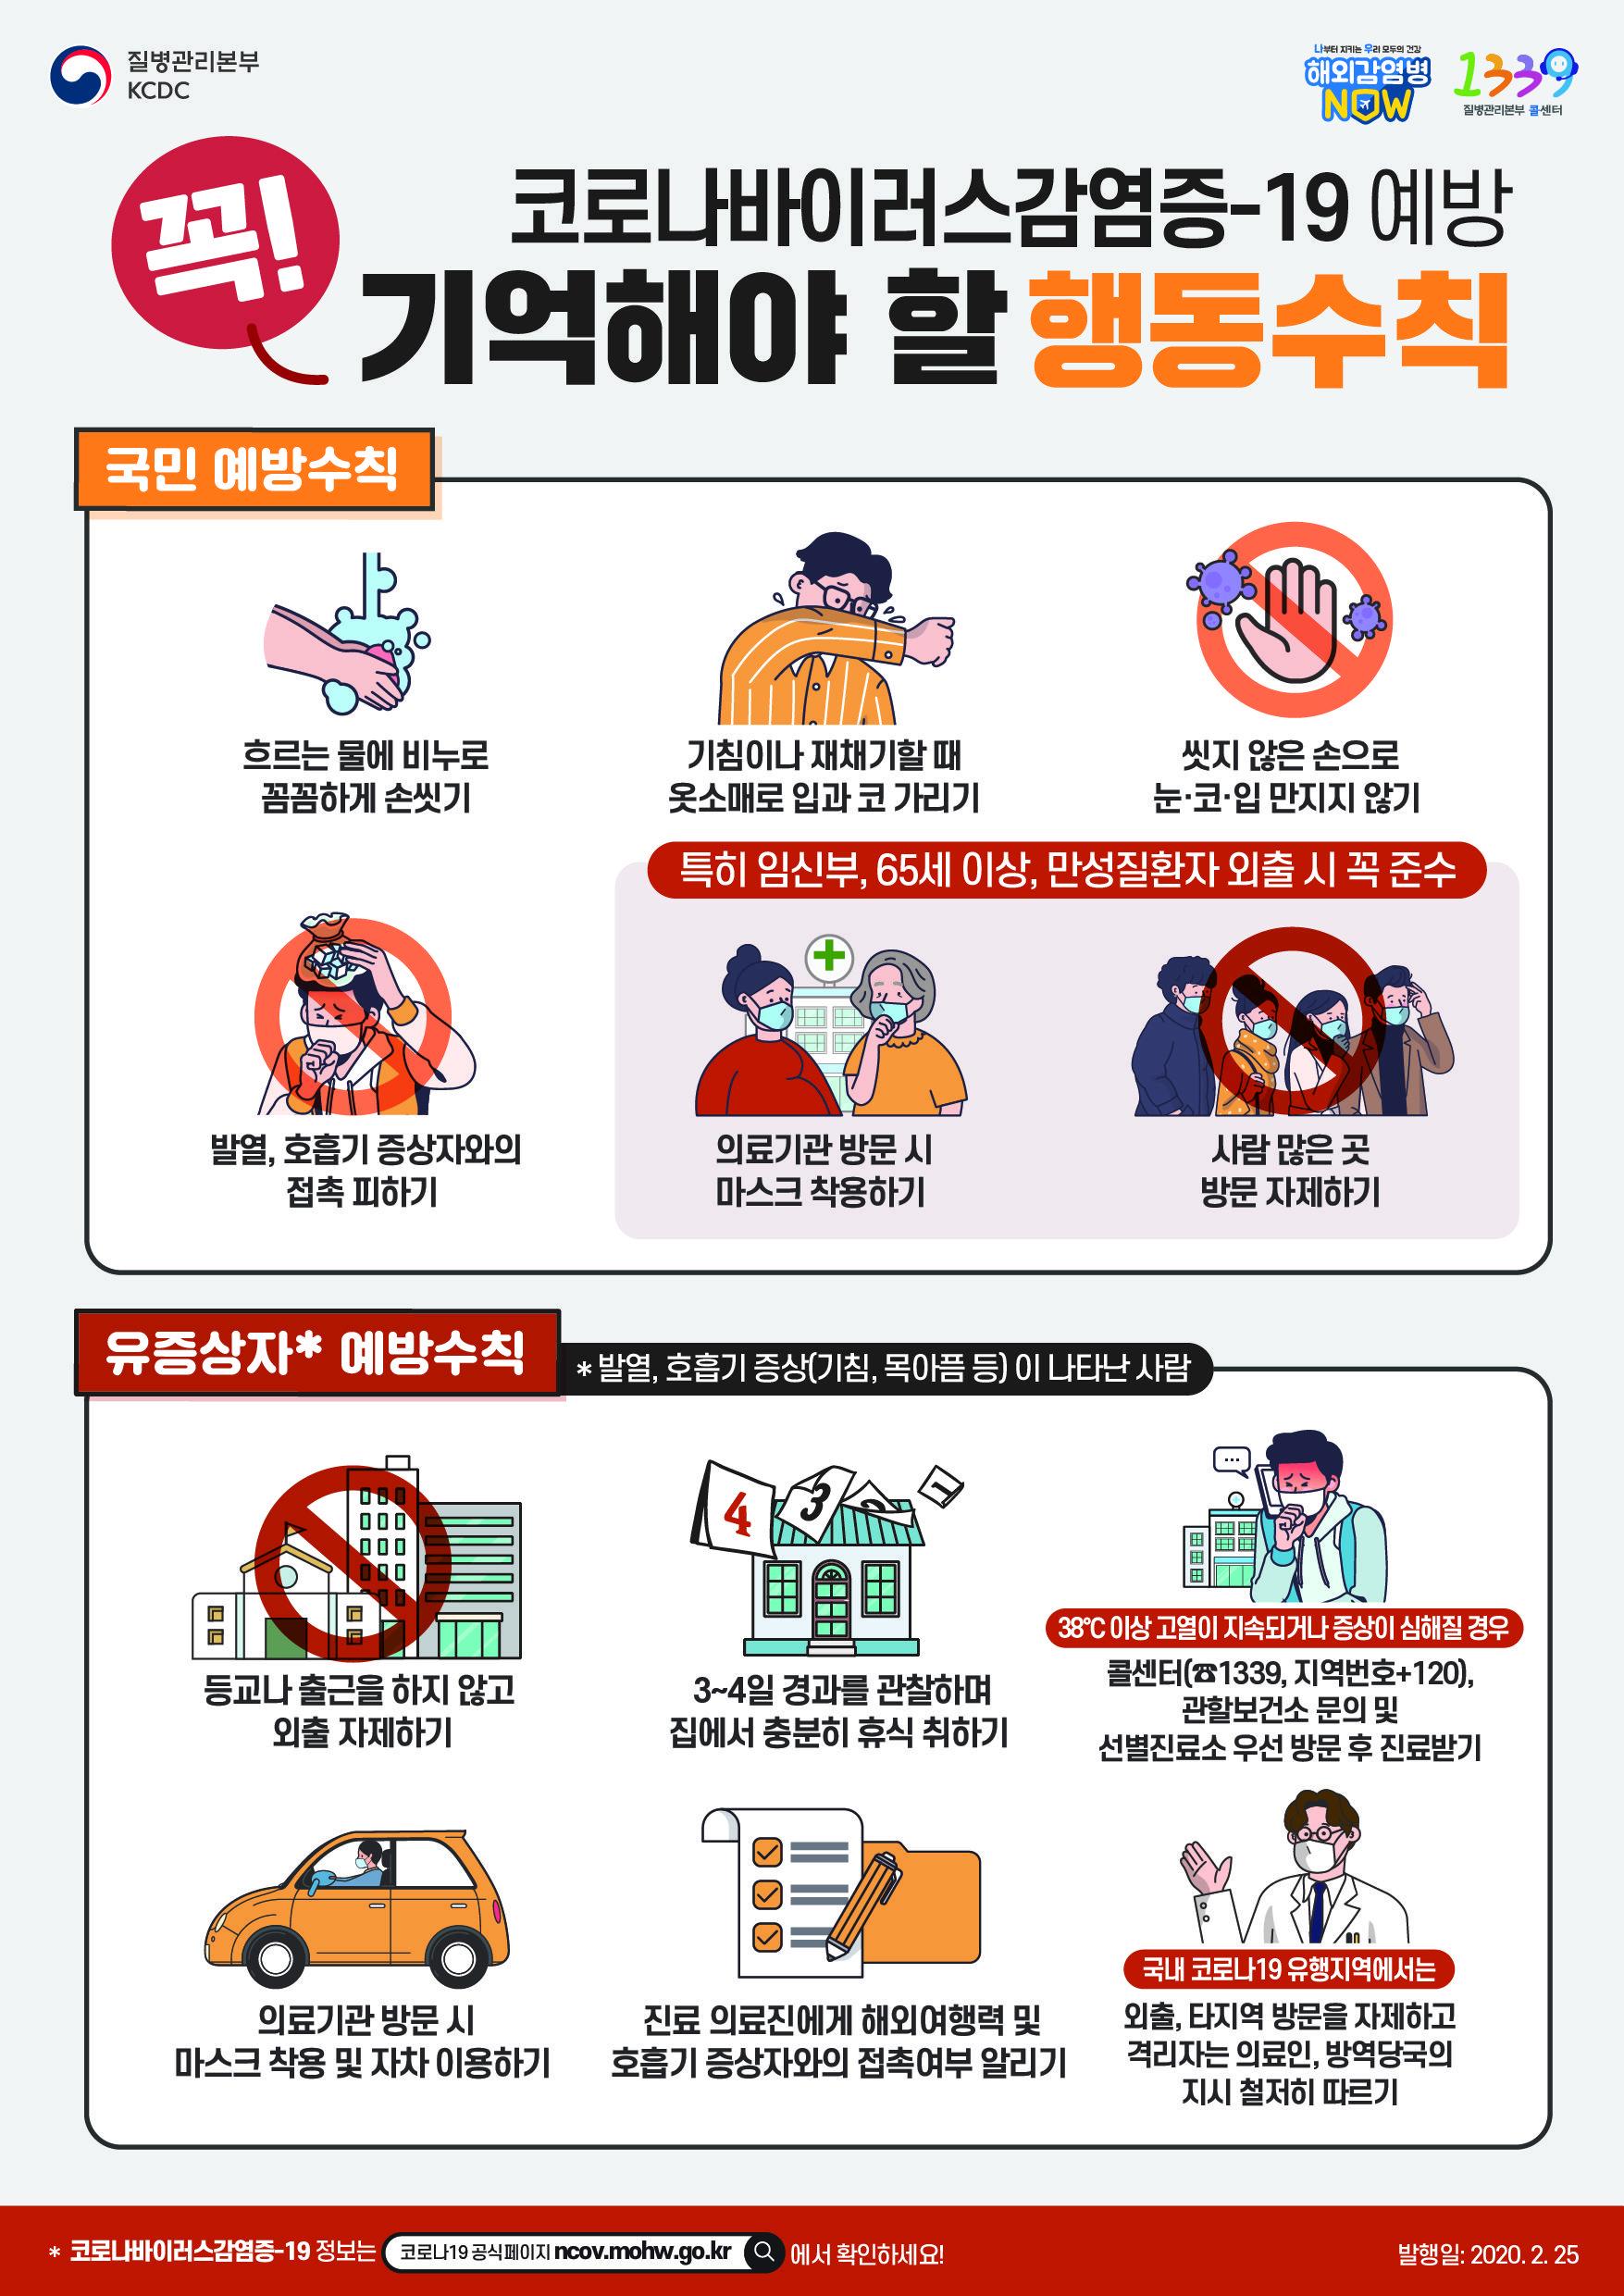 2020 코로나바이러스감염증 19 포스터 2020 포스터 인포그래픽 포스터 디자인